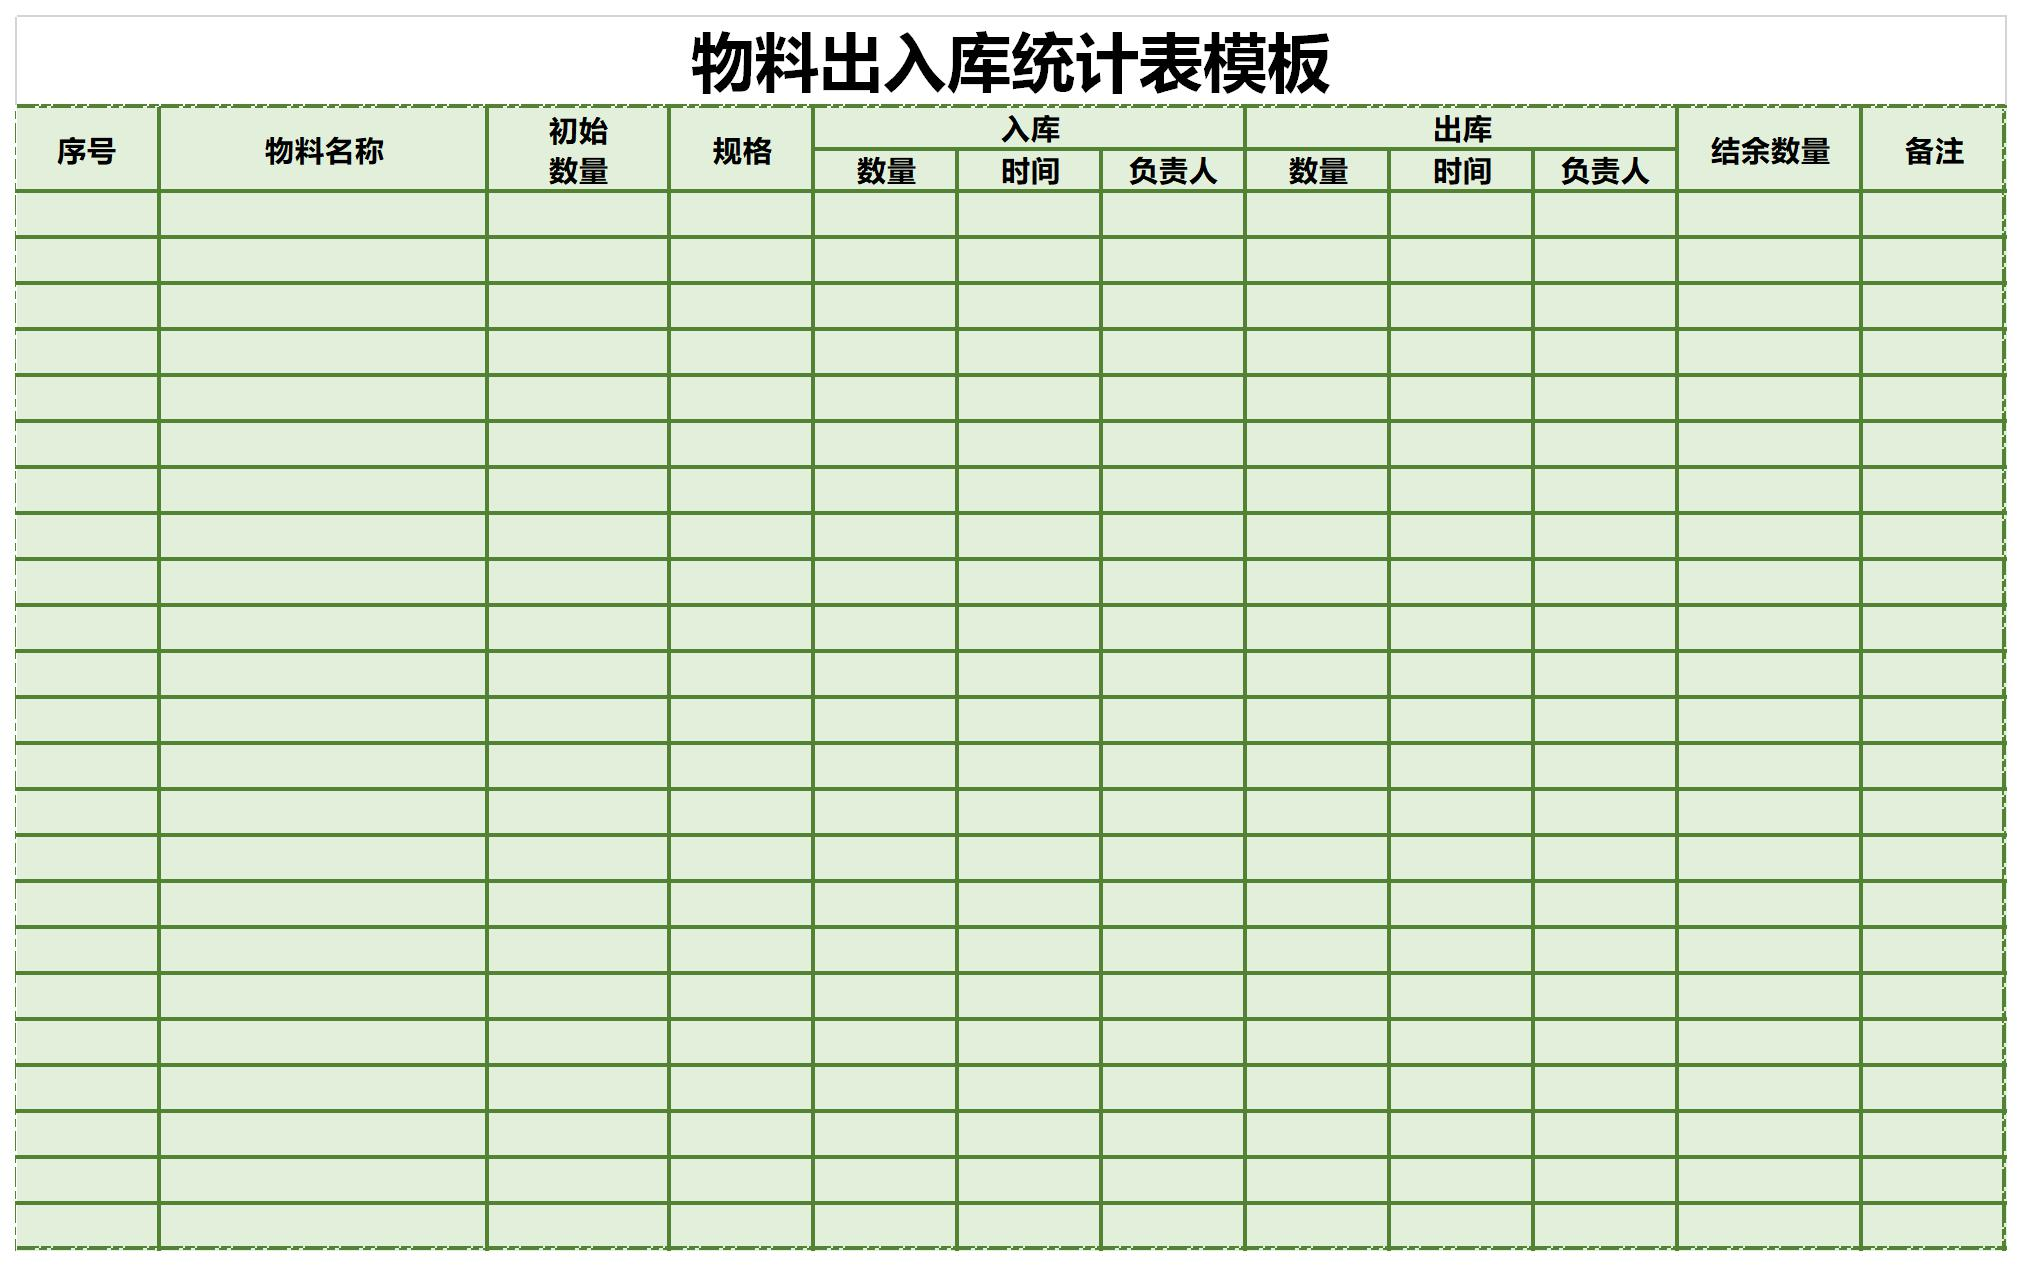 物料出入库统计表模板截图